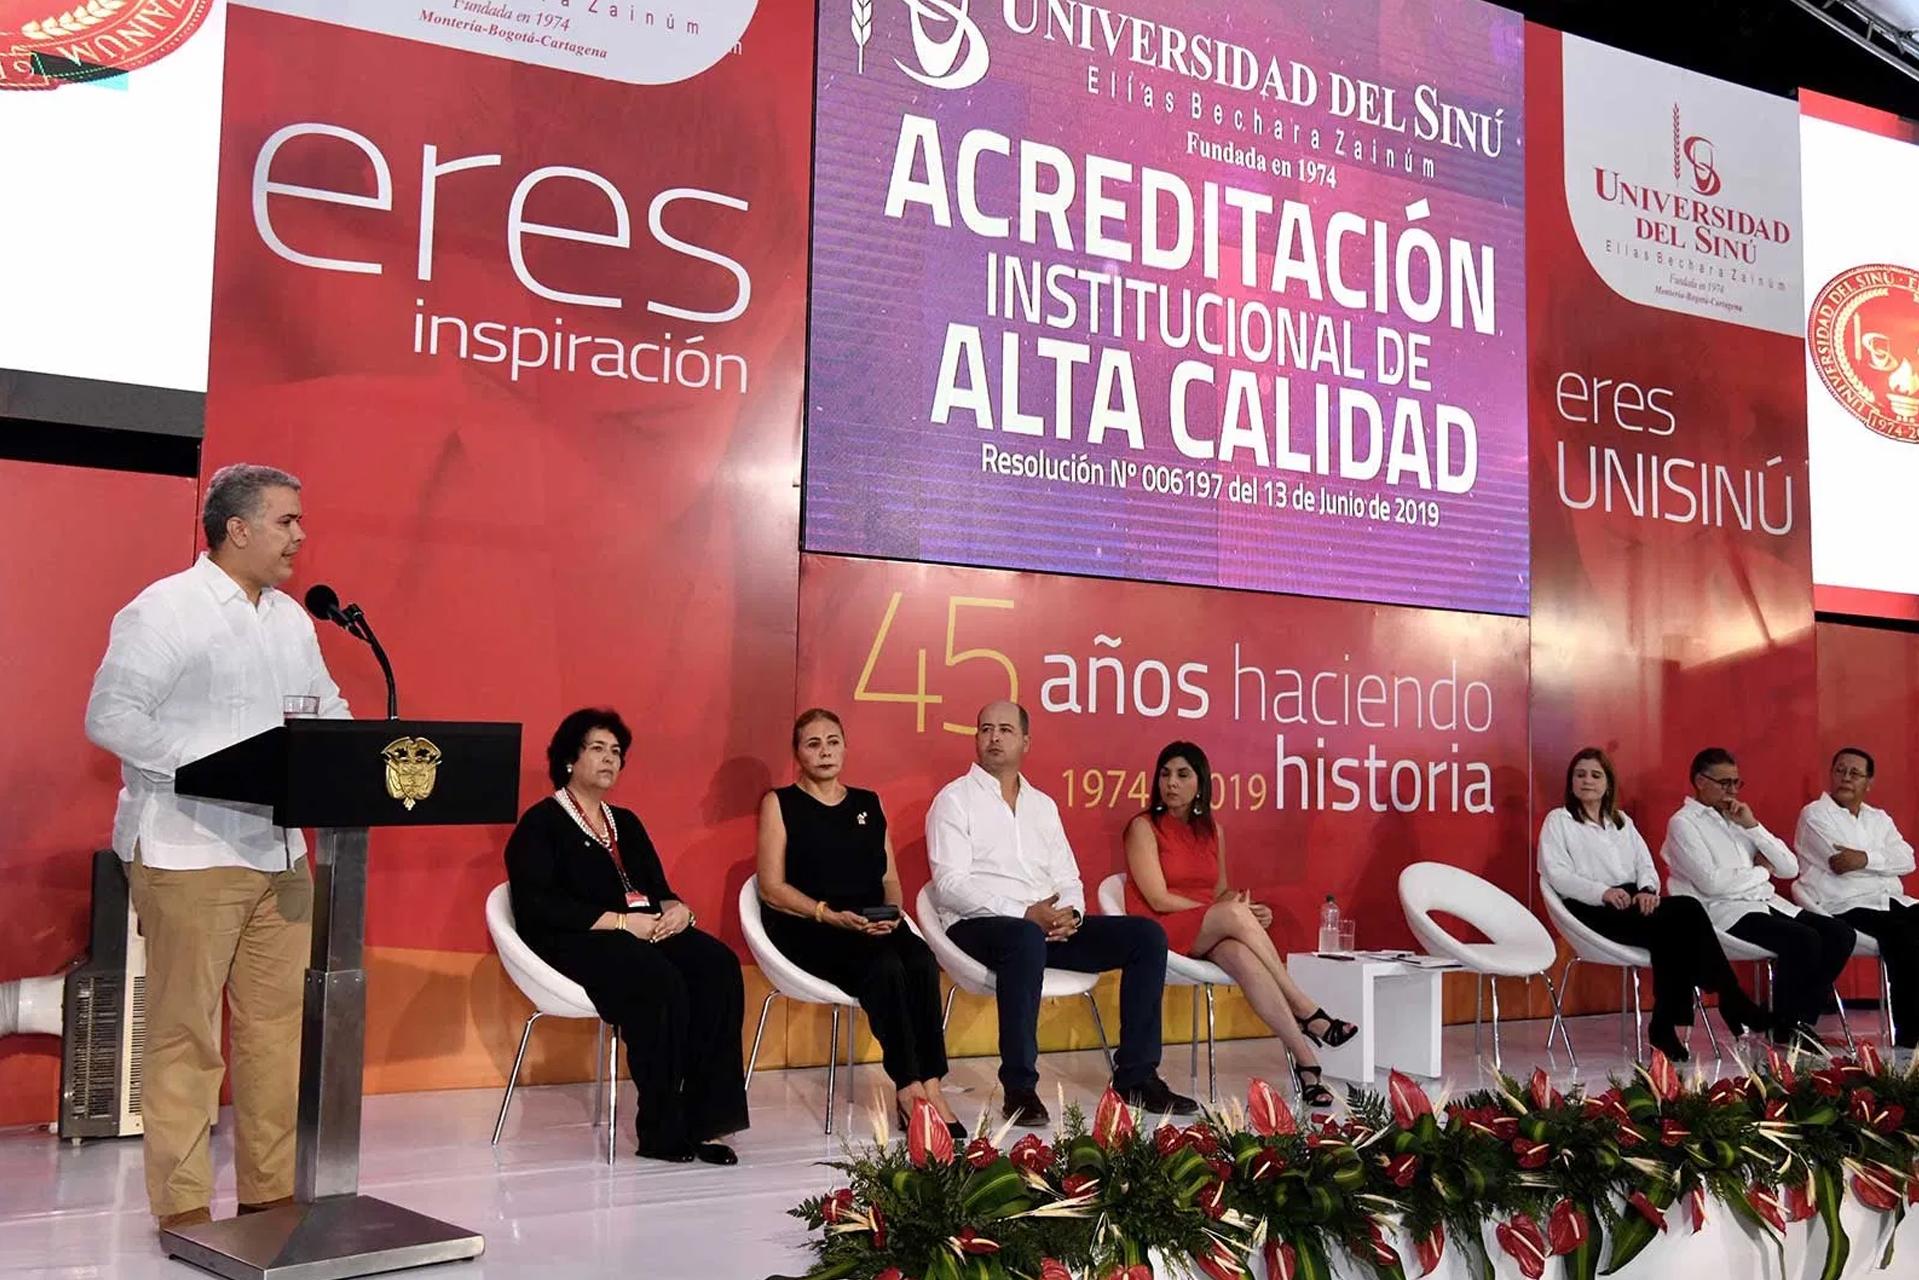 En la celebración de los 45 años de la Universidad del Sinú, el Presidente Duque oficializó la acreditación de Alta Calidad a esta institución educativa